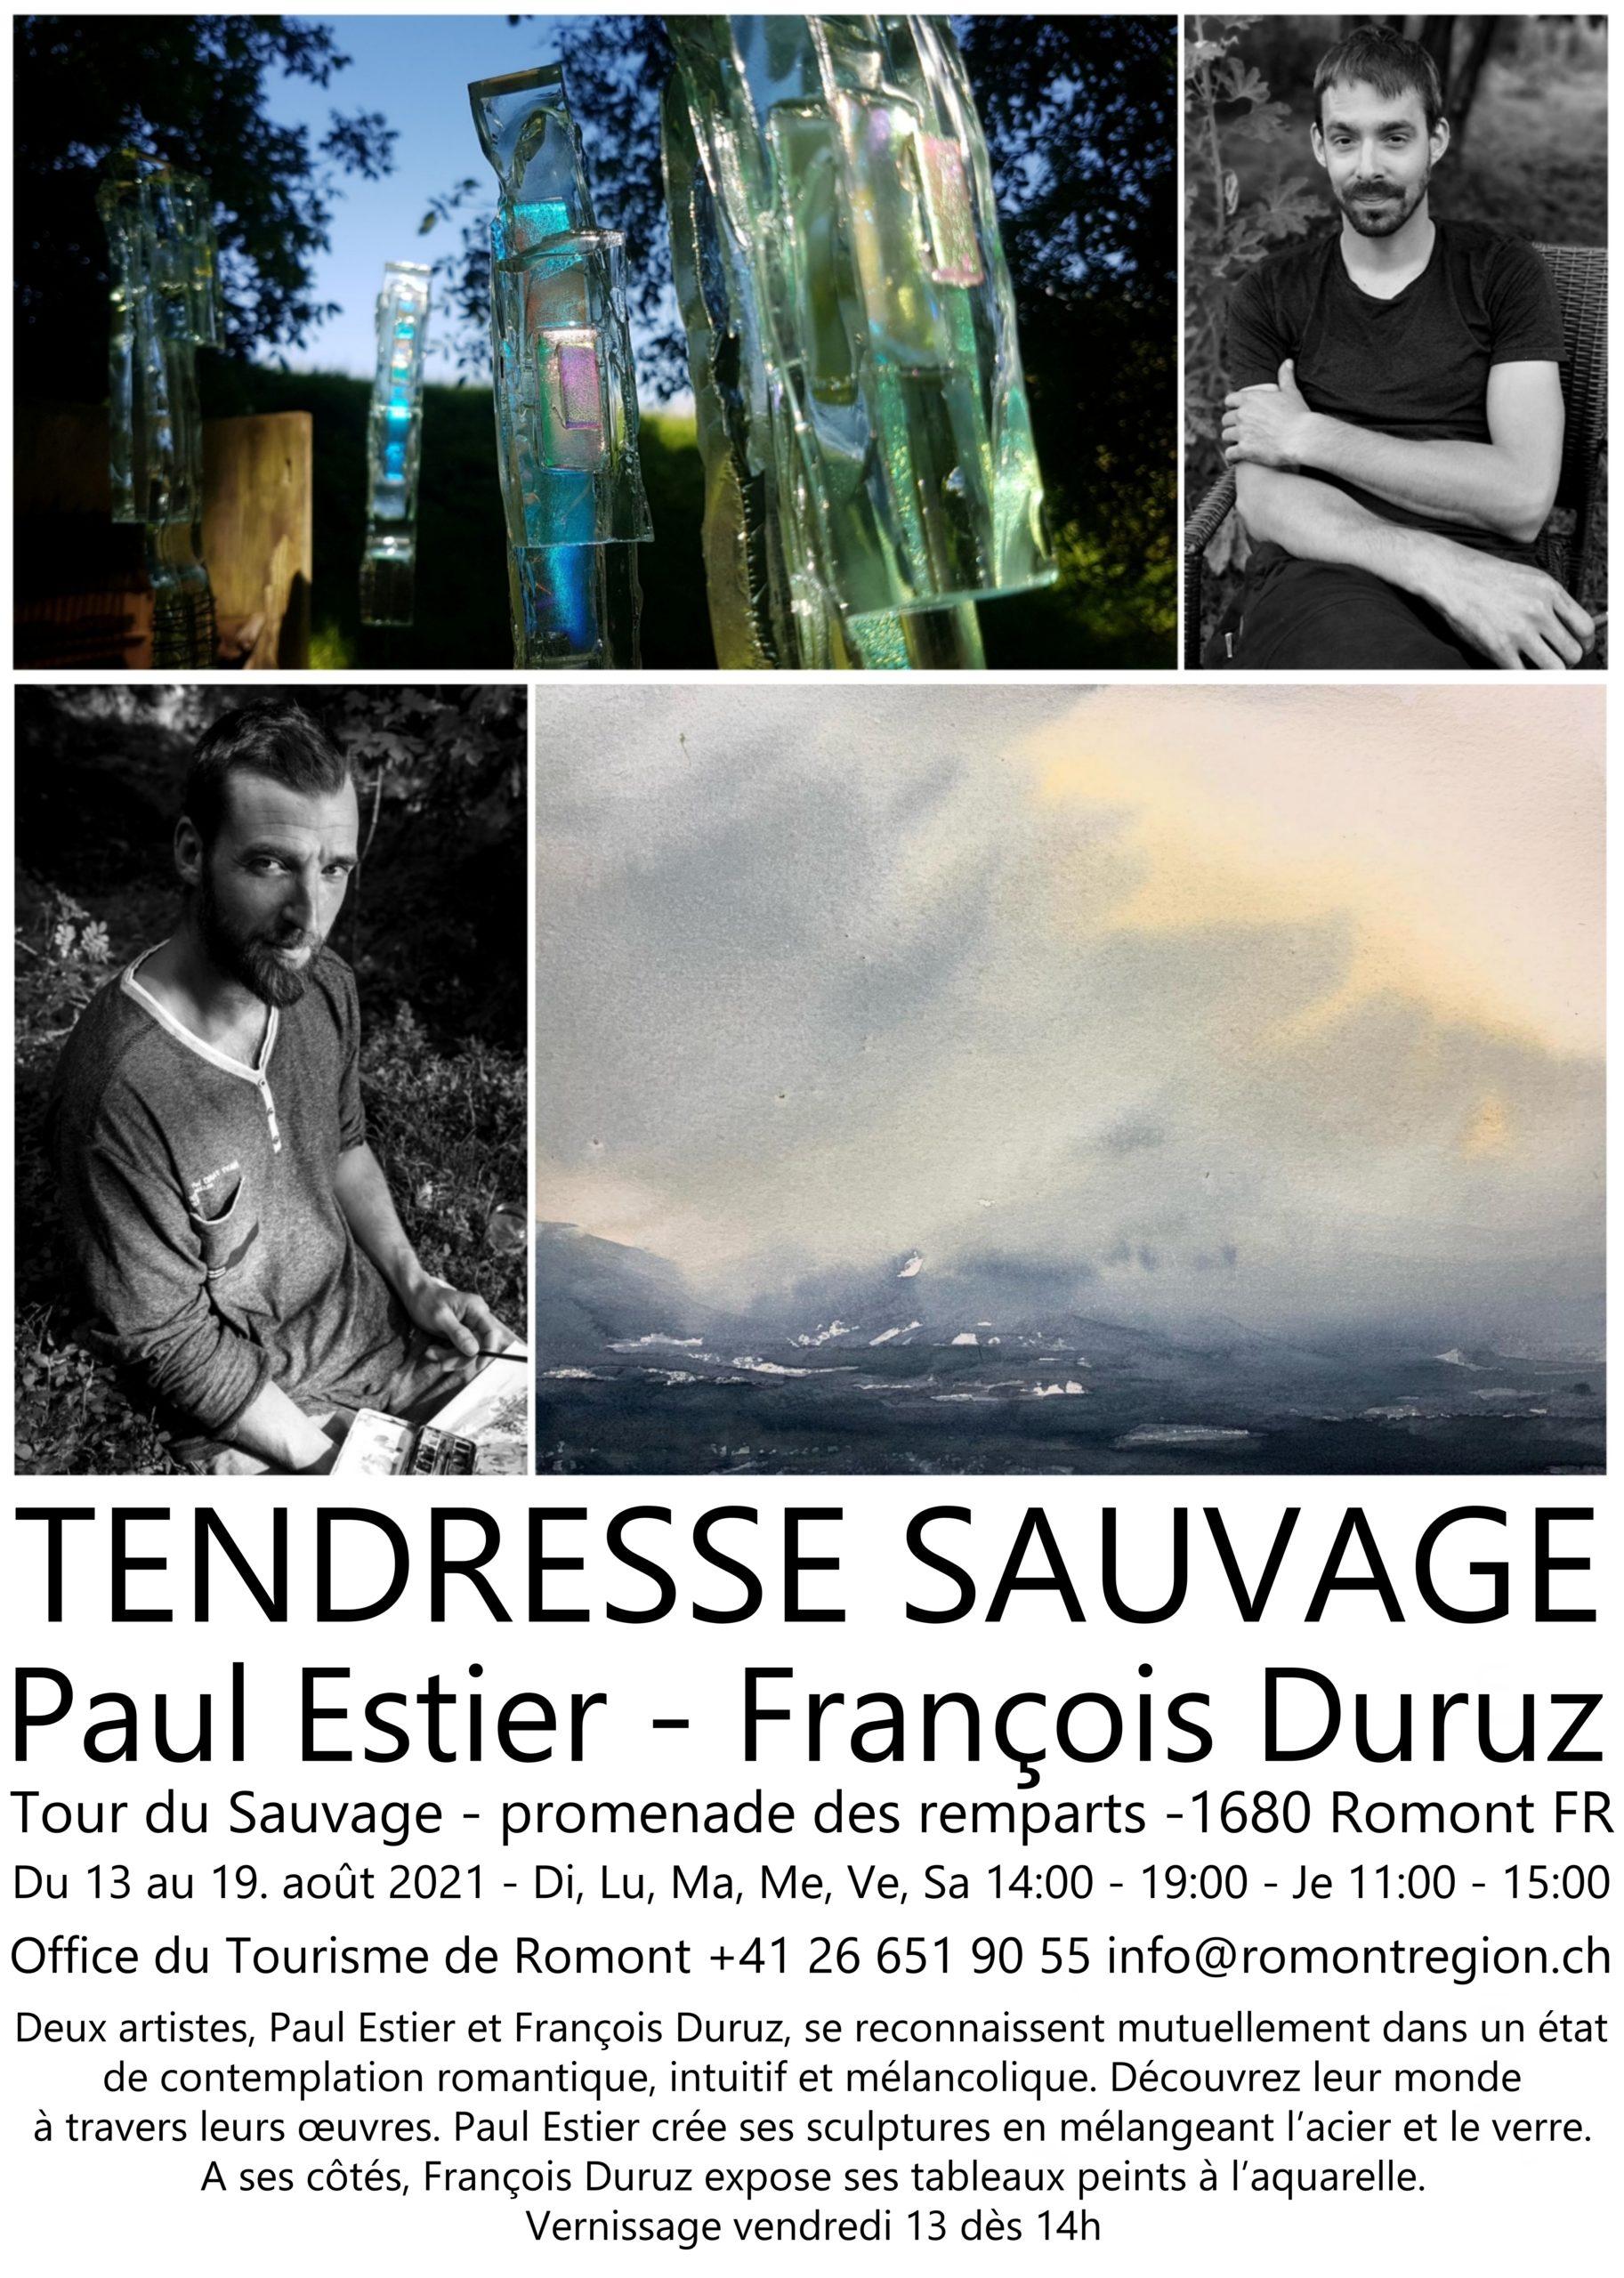 Tendresse sauvage_Tour du Sauvage_Paul Estier et François Duruz